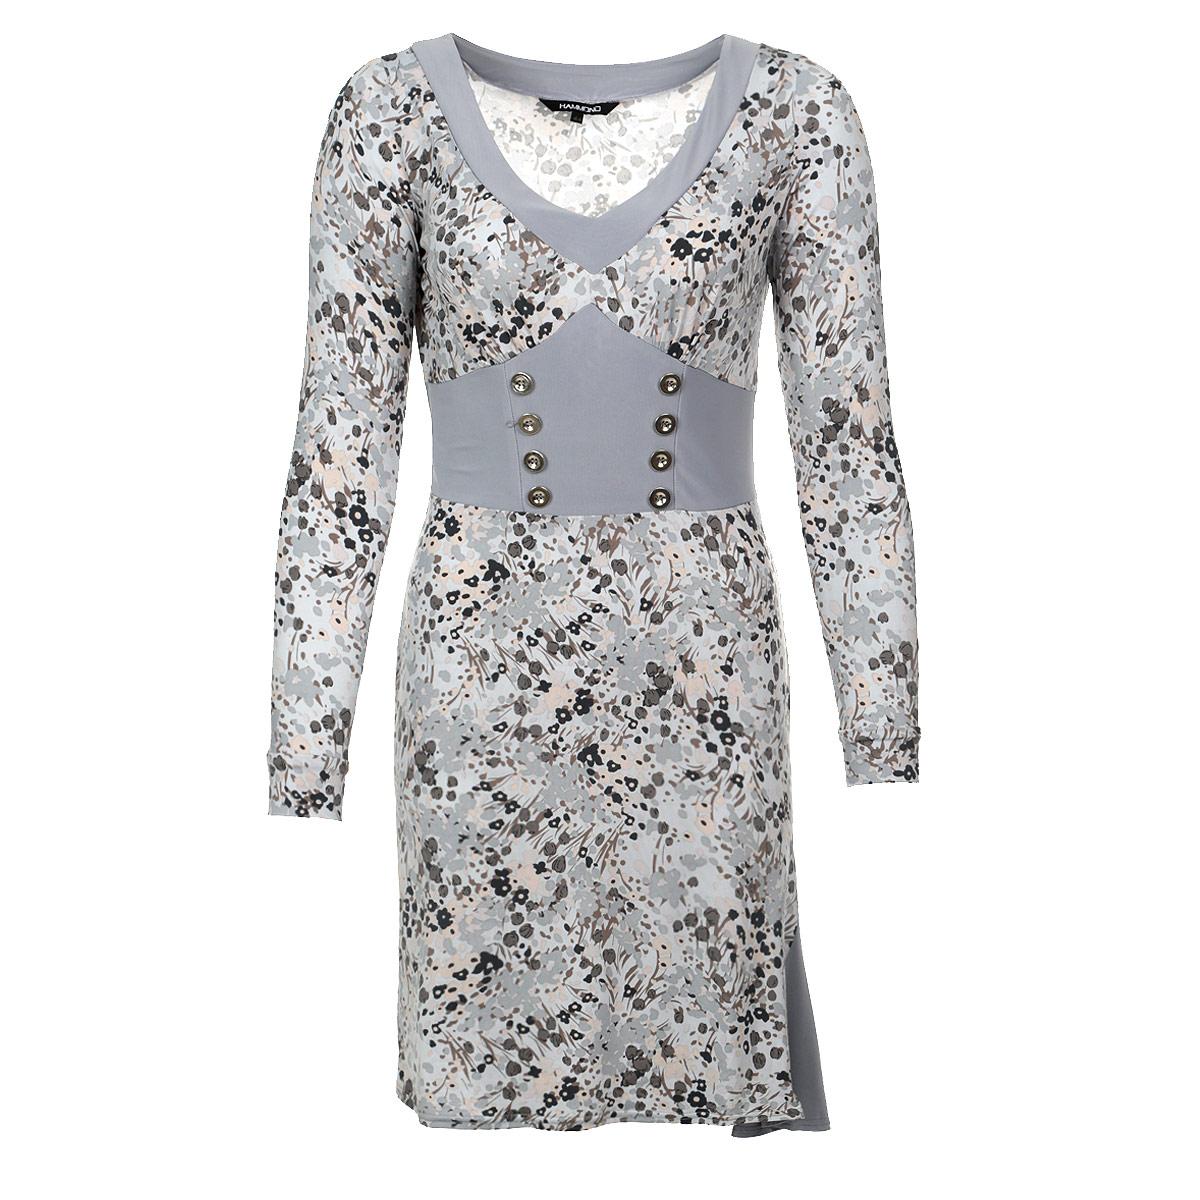 Платье Hammond, цвет: серый. 1-12-5-16. Размер 441-12-5-16Стильное платье из тяжелого струящегося трикотажа с цветочным узором подойдет не только для повседневной носки, но и с легкостью создаст романтический образ. Одна однотонная вставка подчеркивает V-образный вырез горловины, другая - имитирует корсет с двумя рядами пуговиц и небольшой клинышек в подоле. Это стильное платье станет прекрасным выбором для офиса или просто встреч с друзьями.